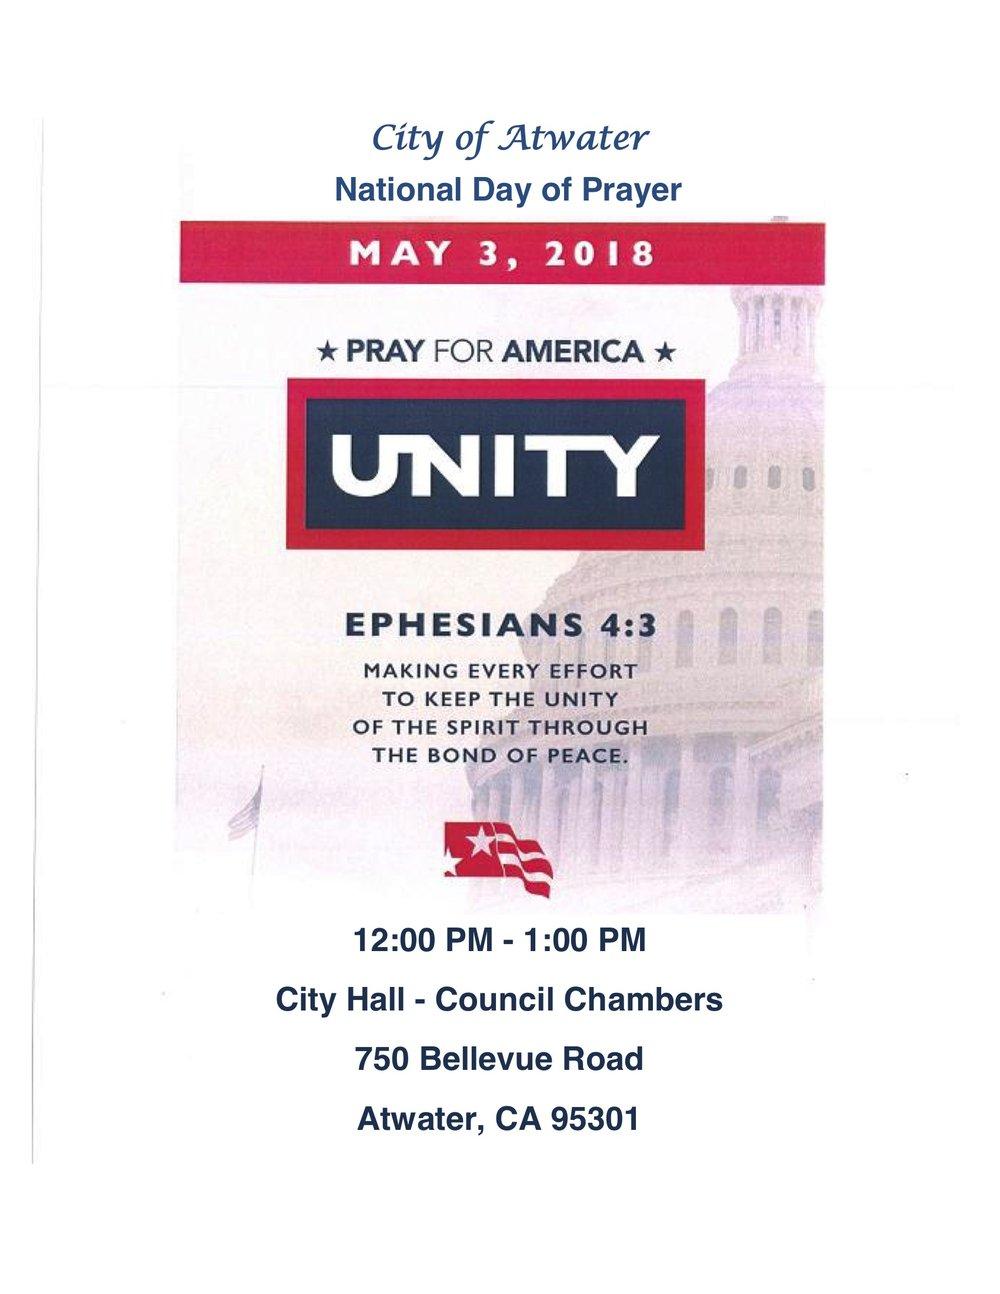 National Day of Prayer 2018 Poster.jpg